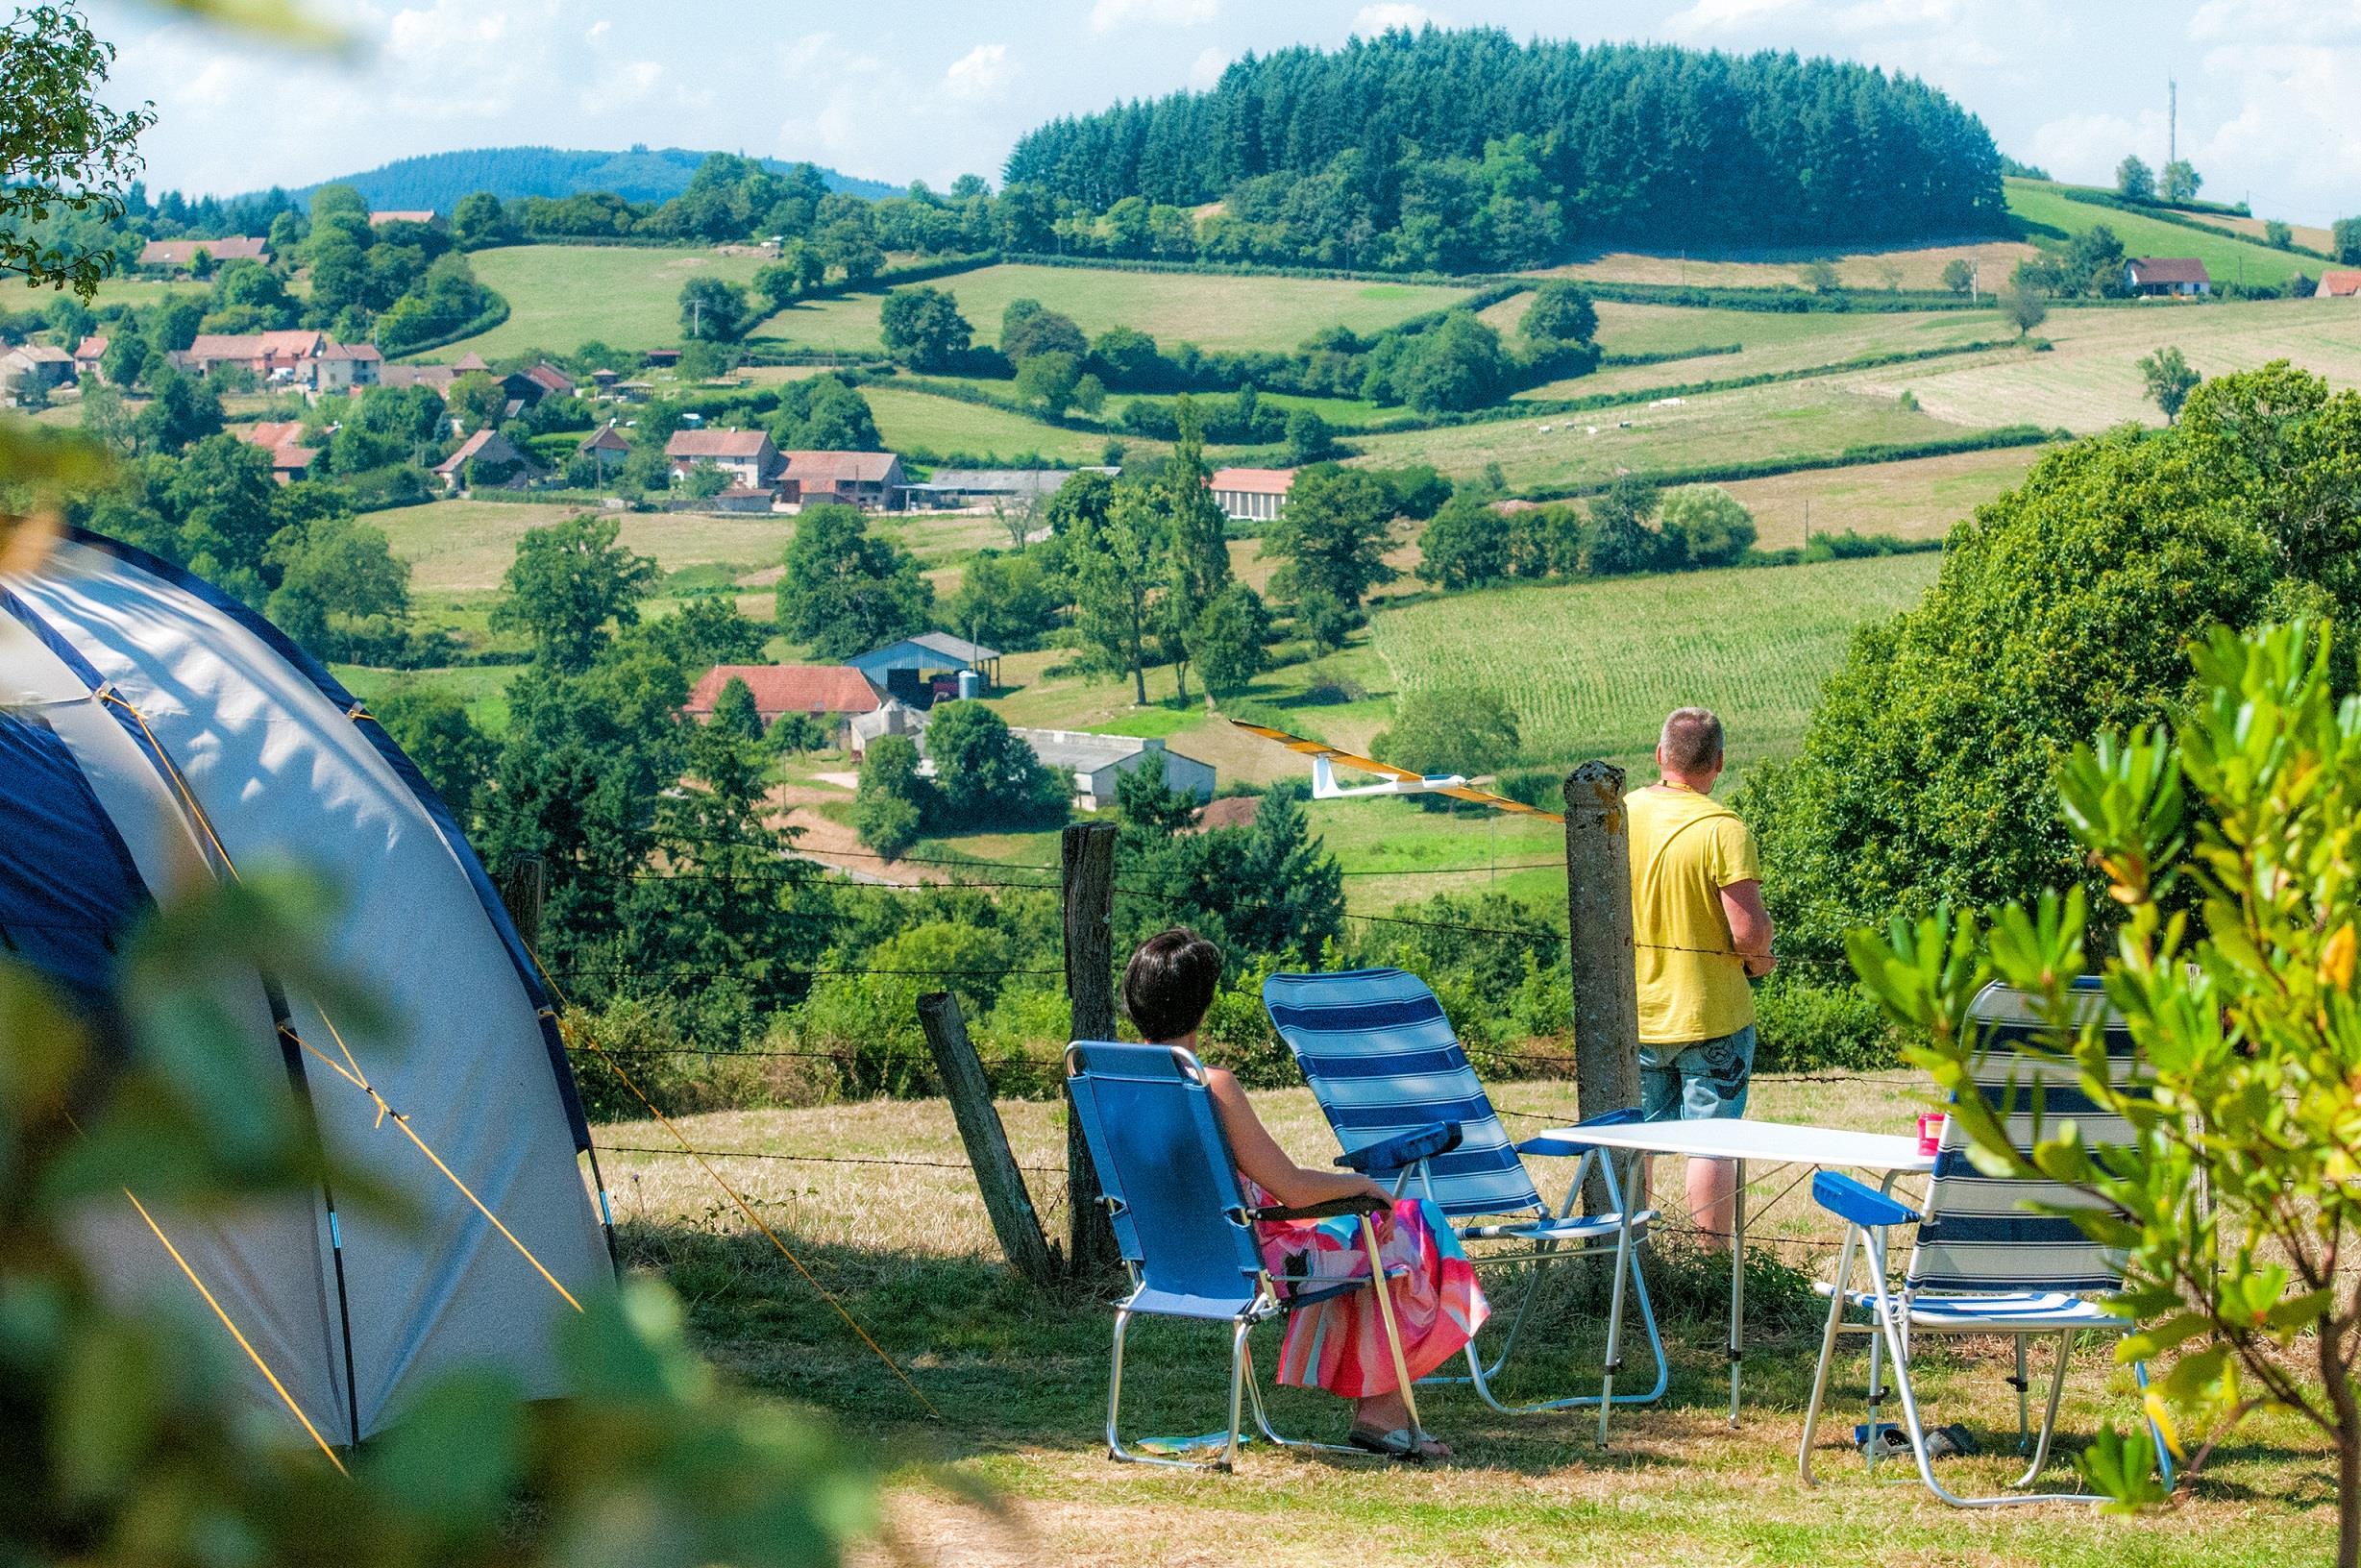 Camping le Village des Meuniers, Dompierre-les-Ormes, Saône-et-Loire